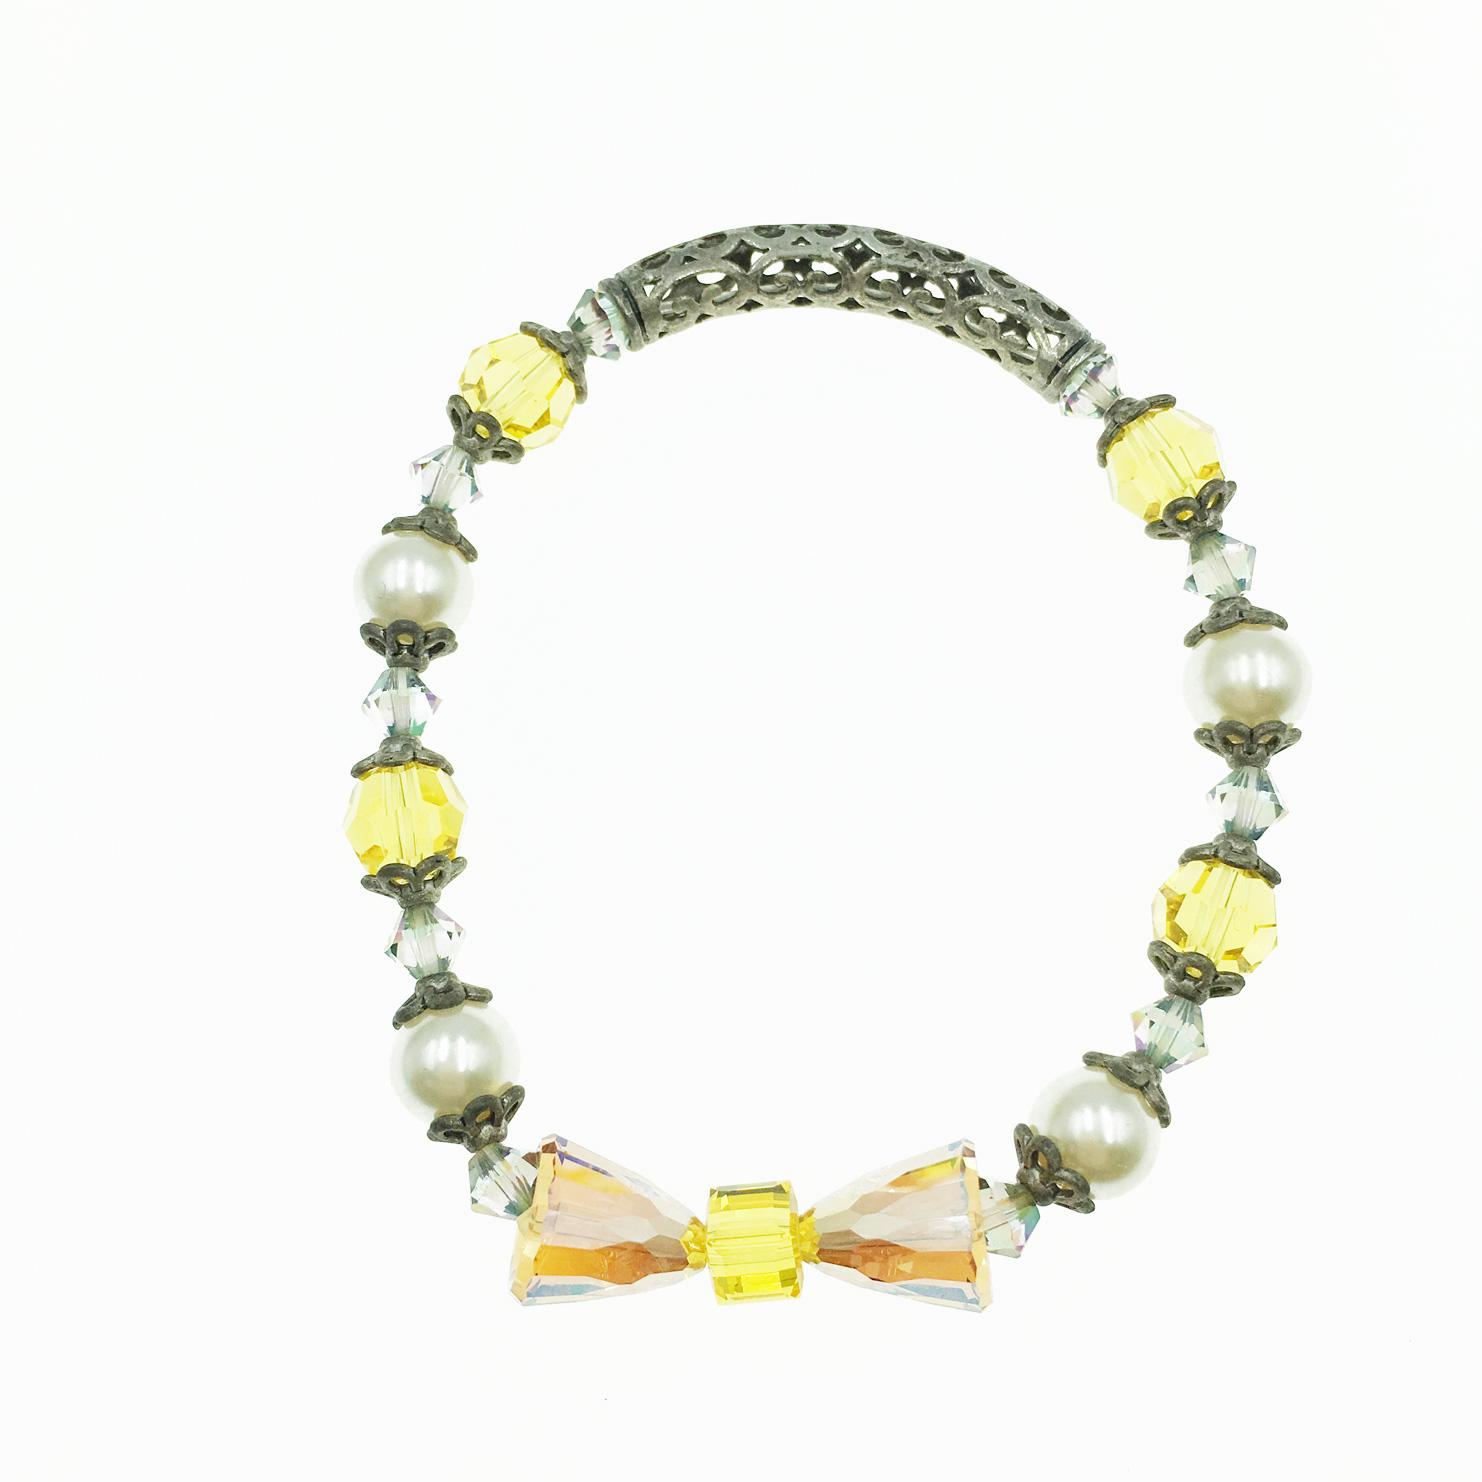 水晶 寶石 珍珠 簍空雕刻圖騰 手鍊 採用施華洛世奇水晶元素 Crystals from Swarovski